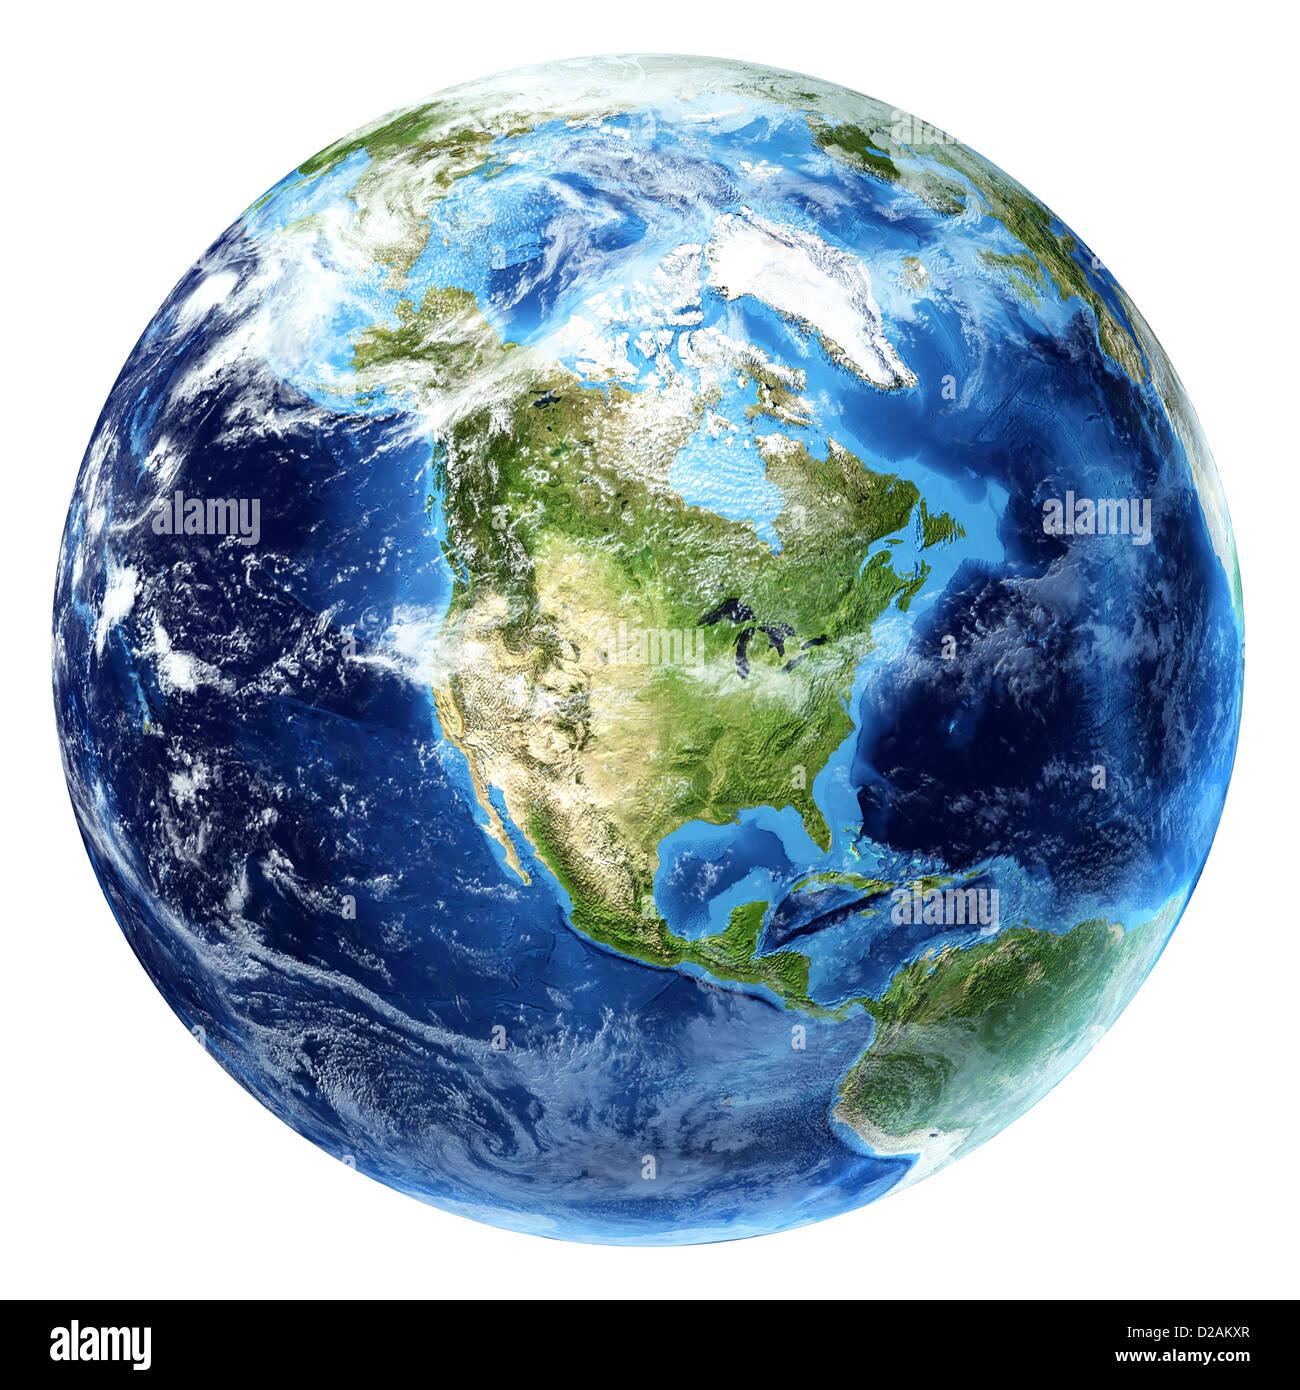 La planète terre avec quelques nuages. Voir l'Amérique du Nord. Photo Stock